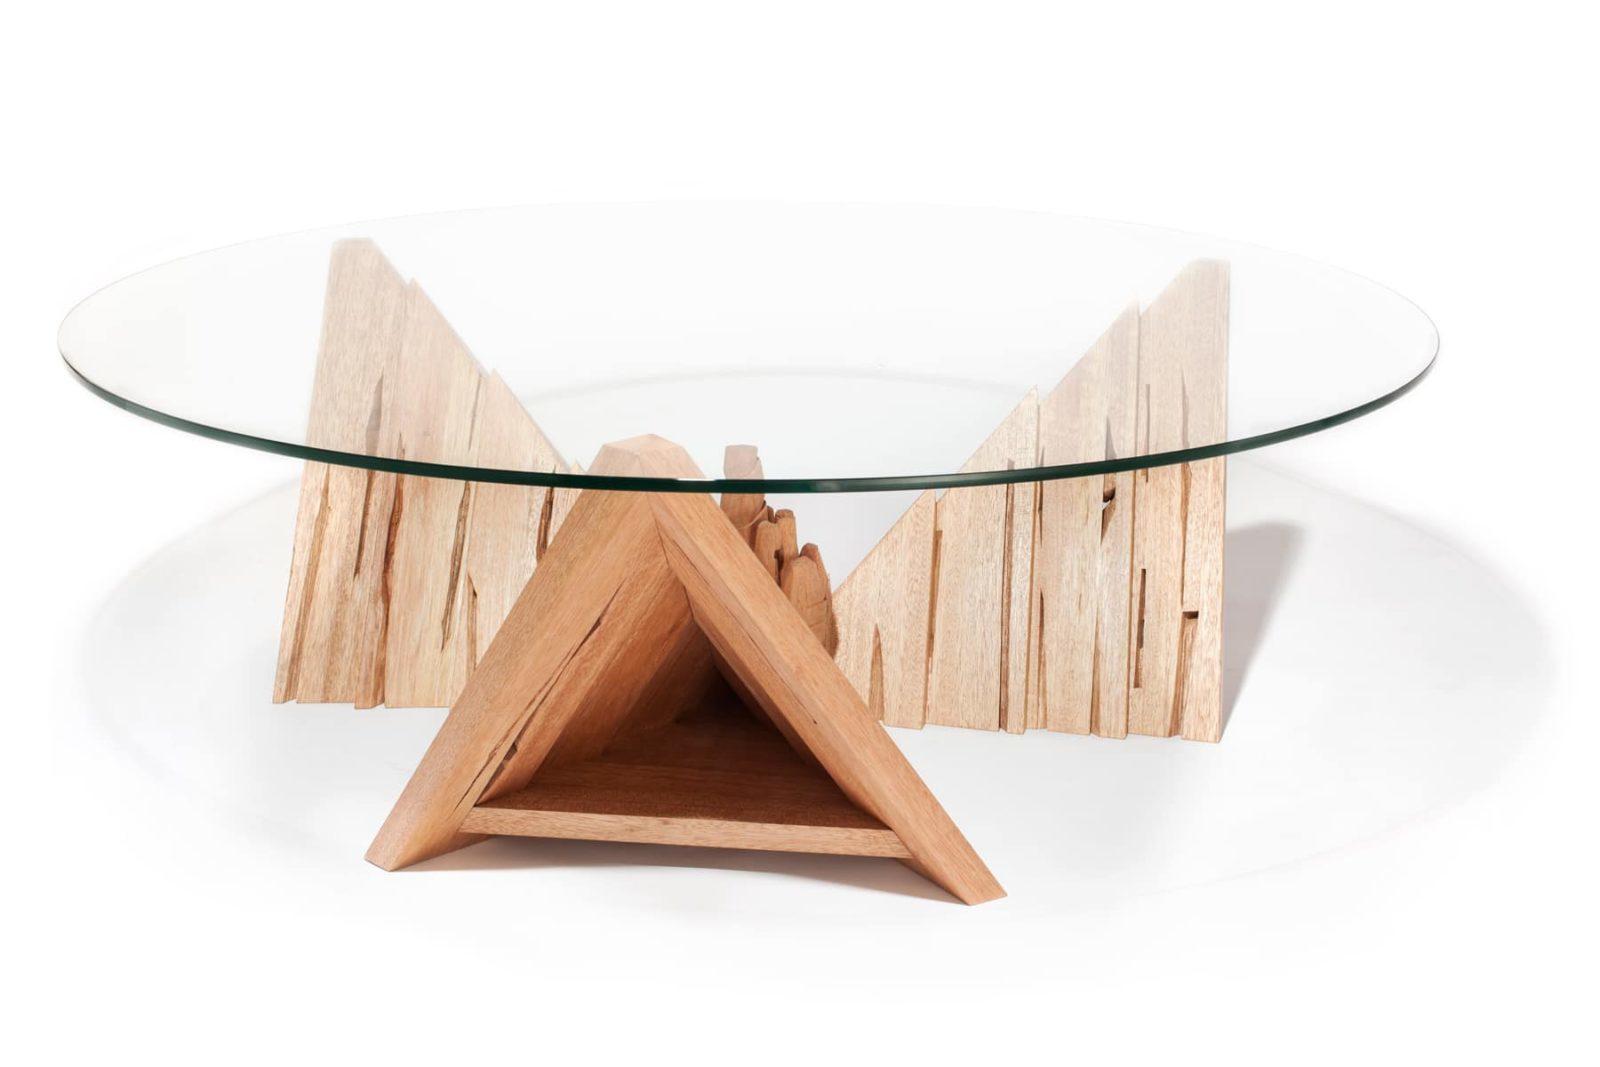 Sirope-proyectos-tuomas kuure-pieza1_7-estudio-agencia-creativa-branding